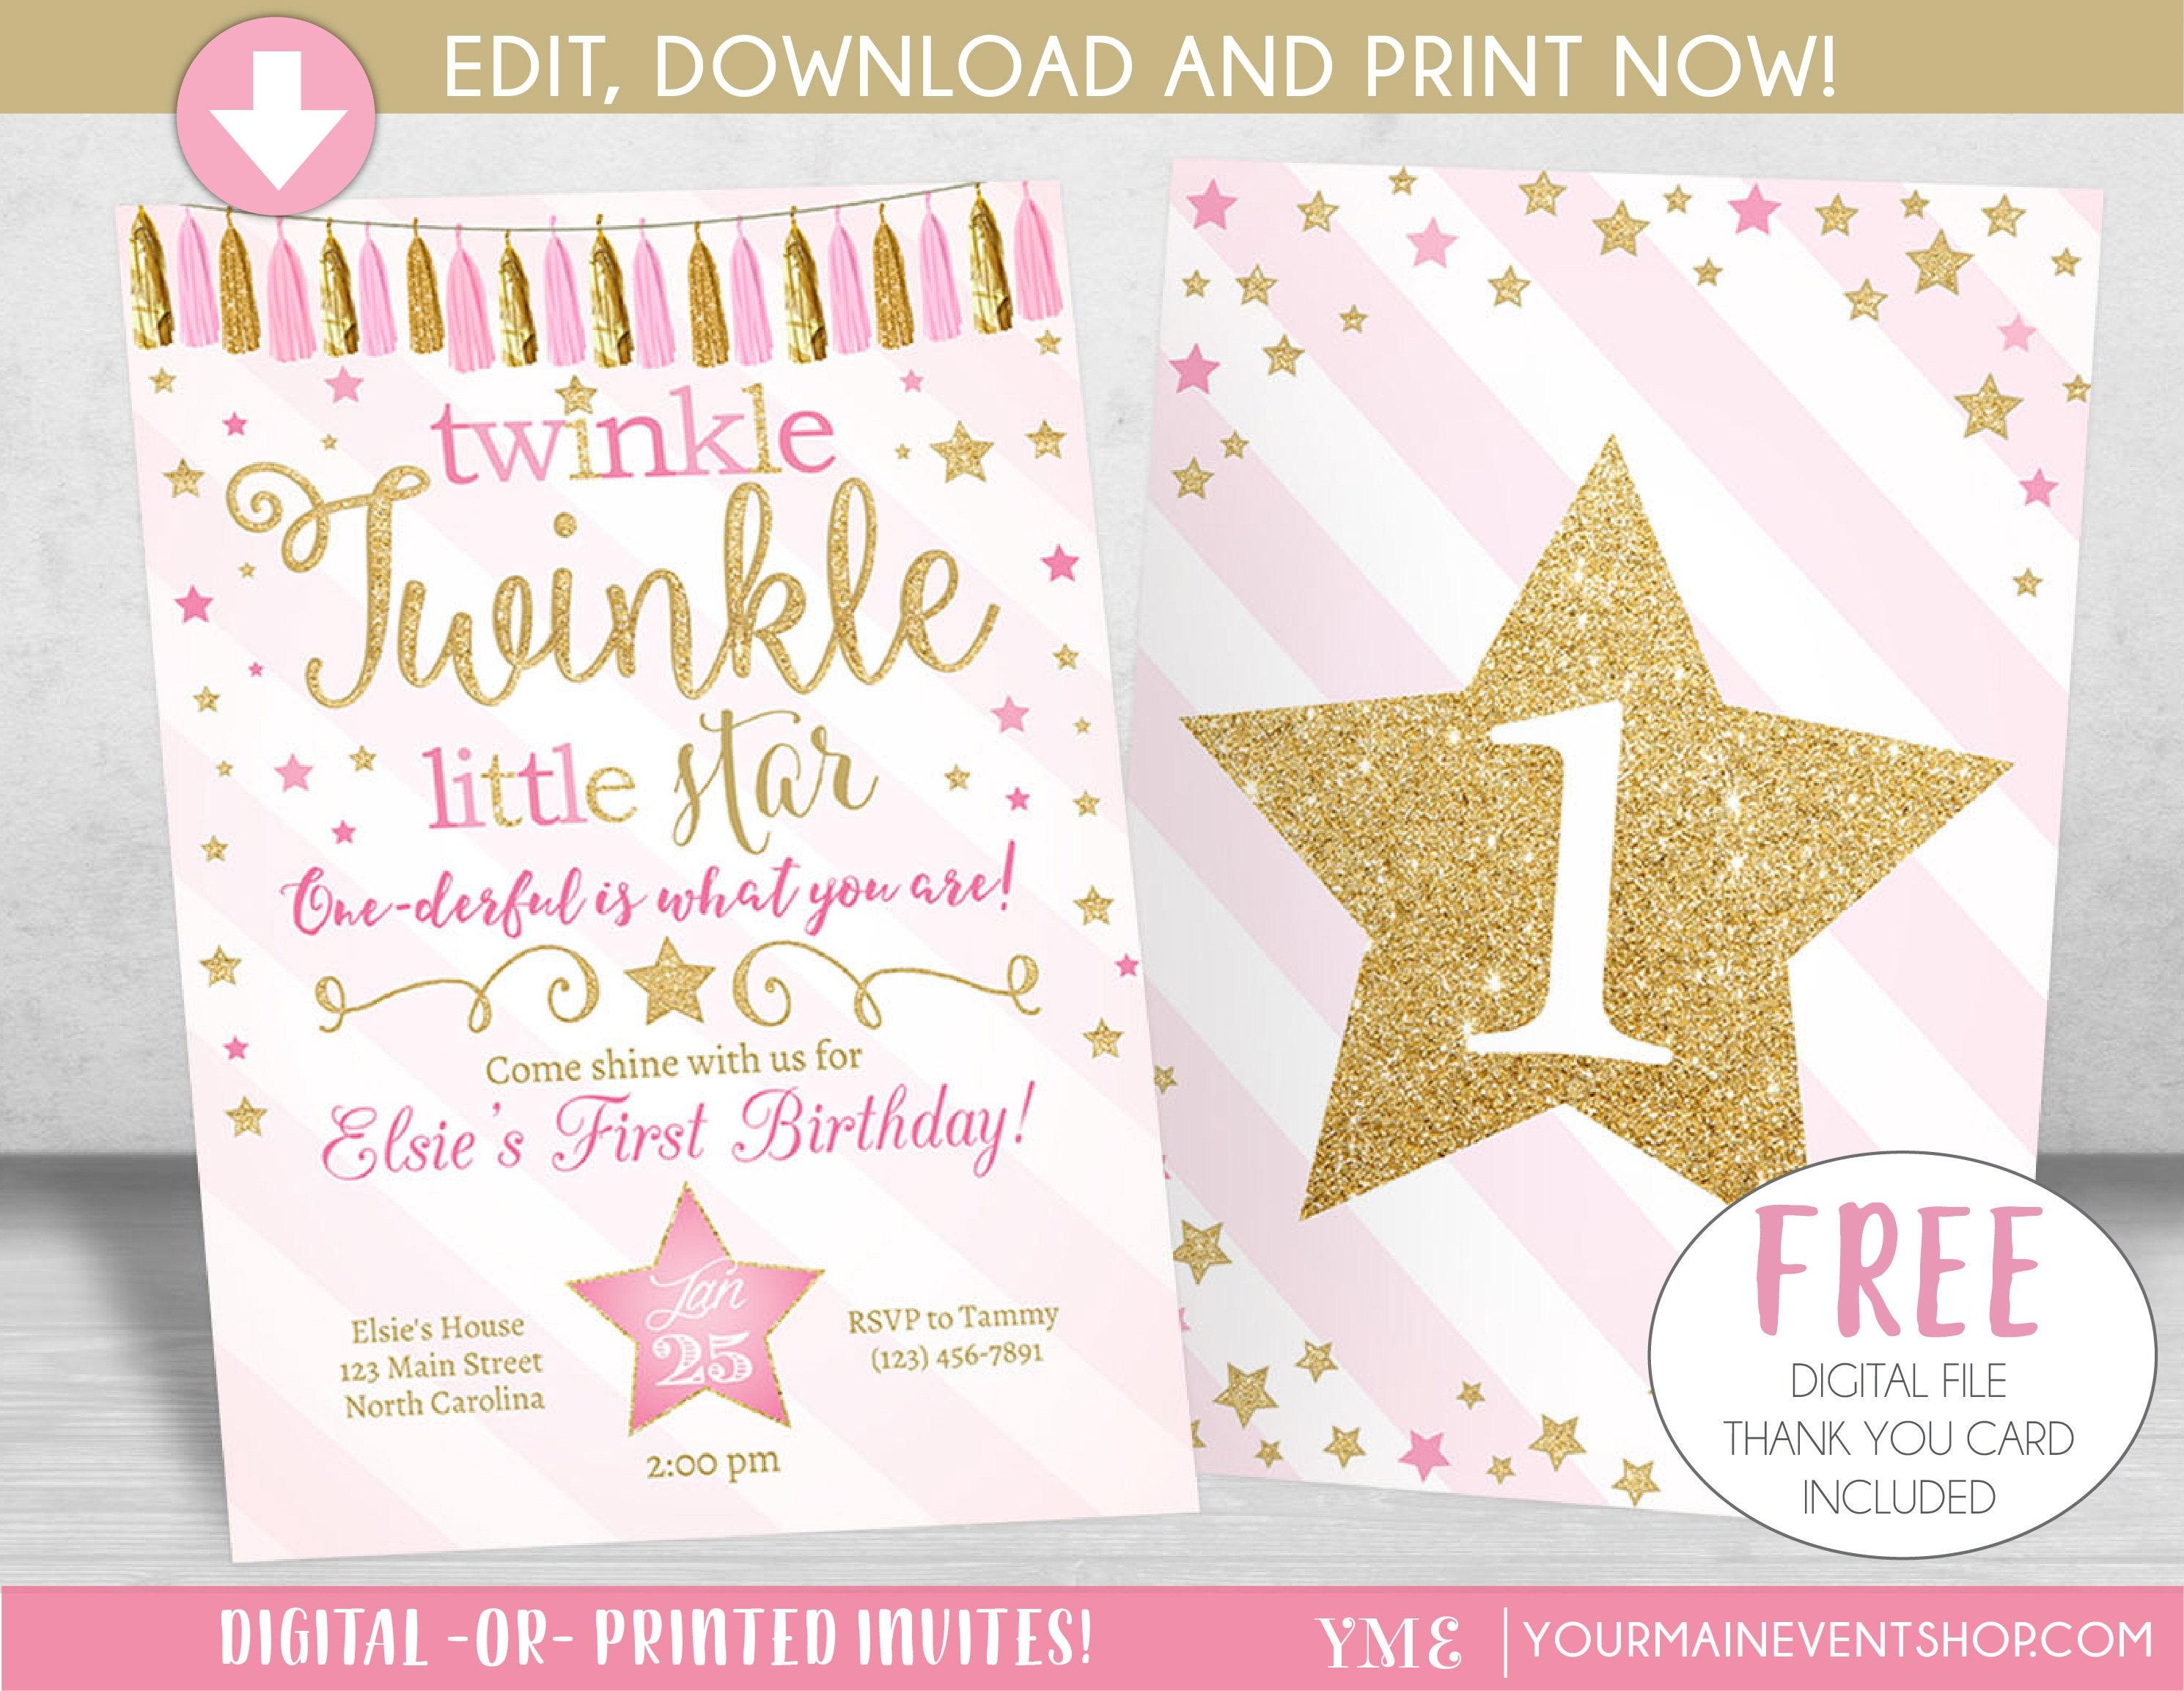 Twinkle Twinkle Little Star Invitation Twinkle Twinkle Little Star